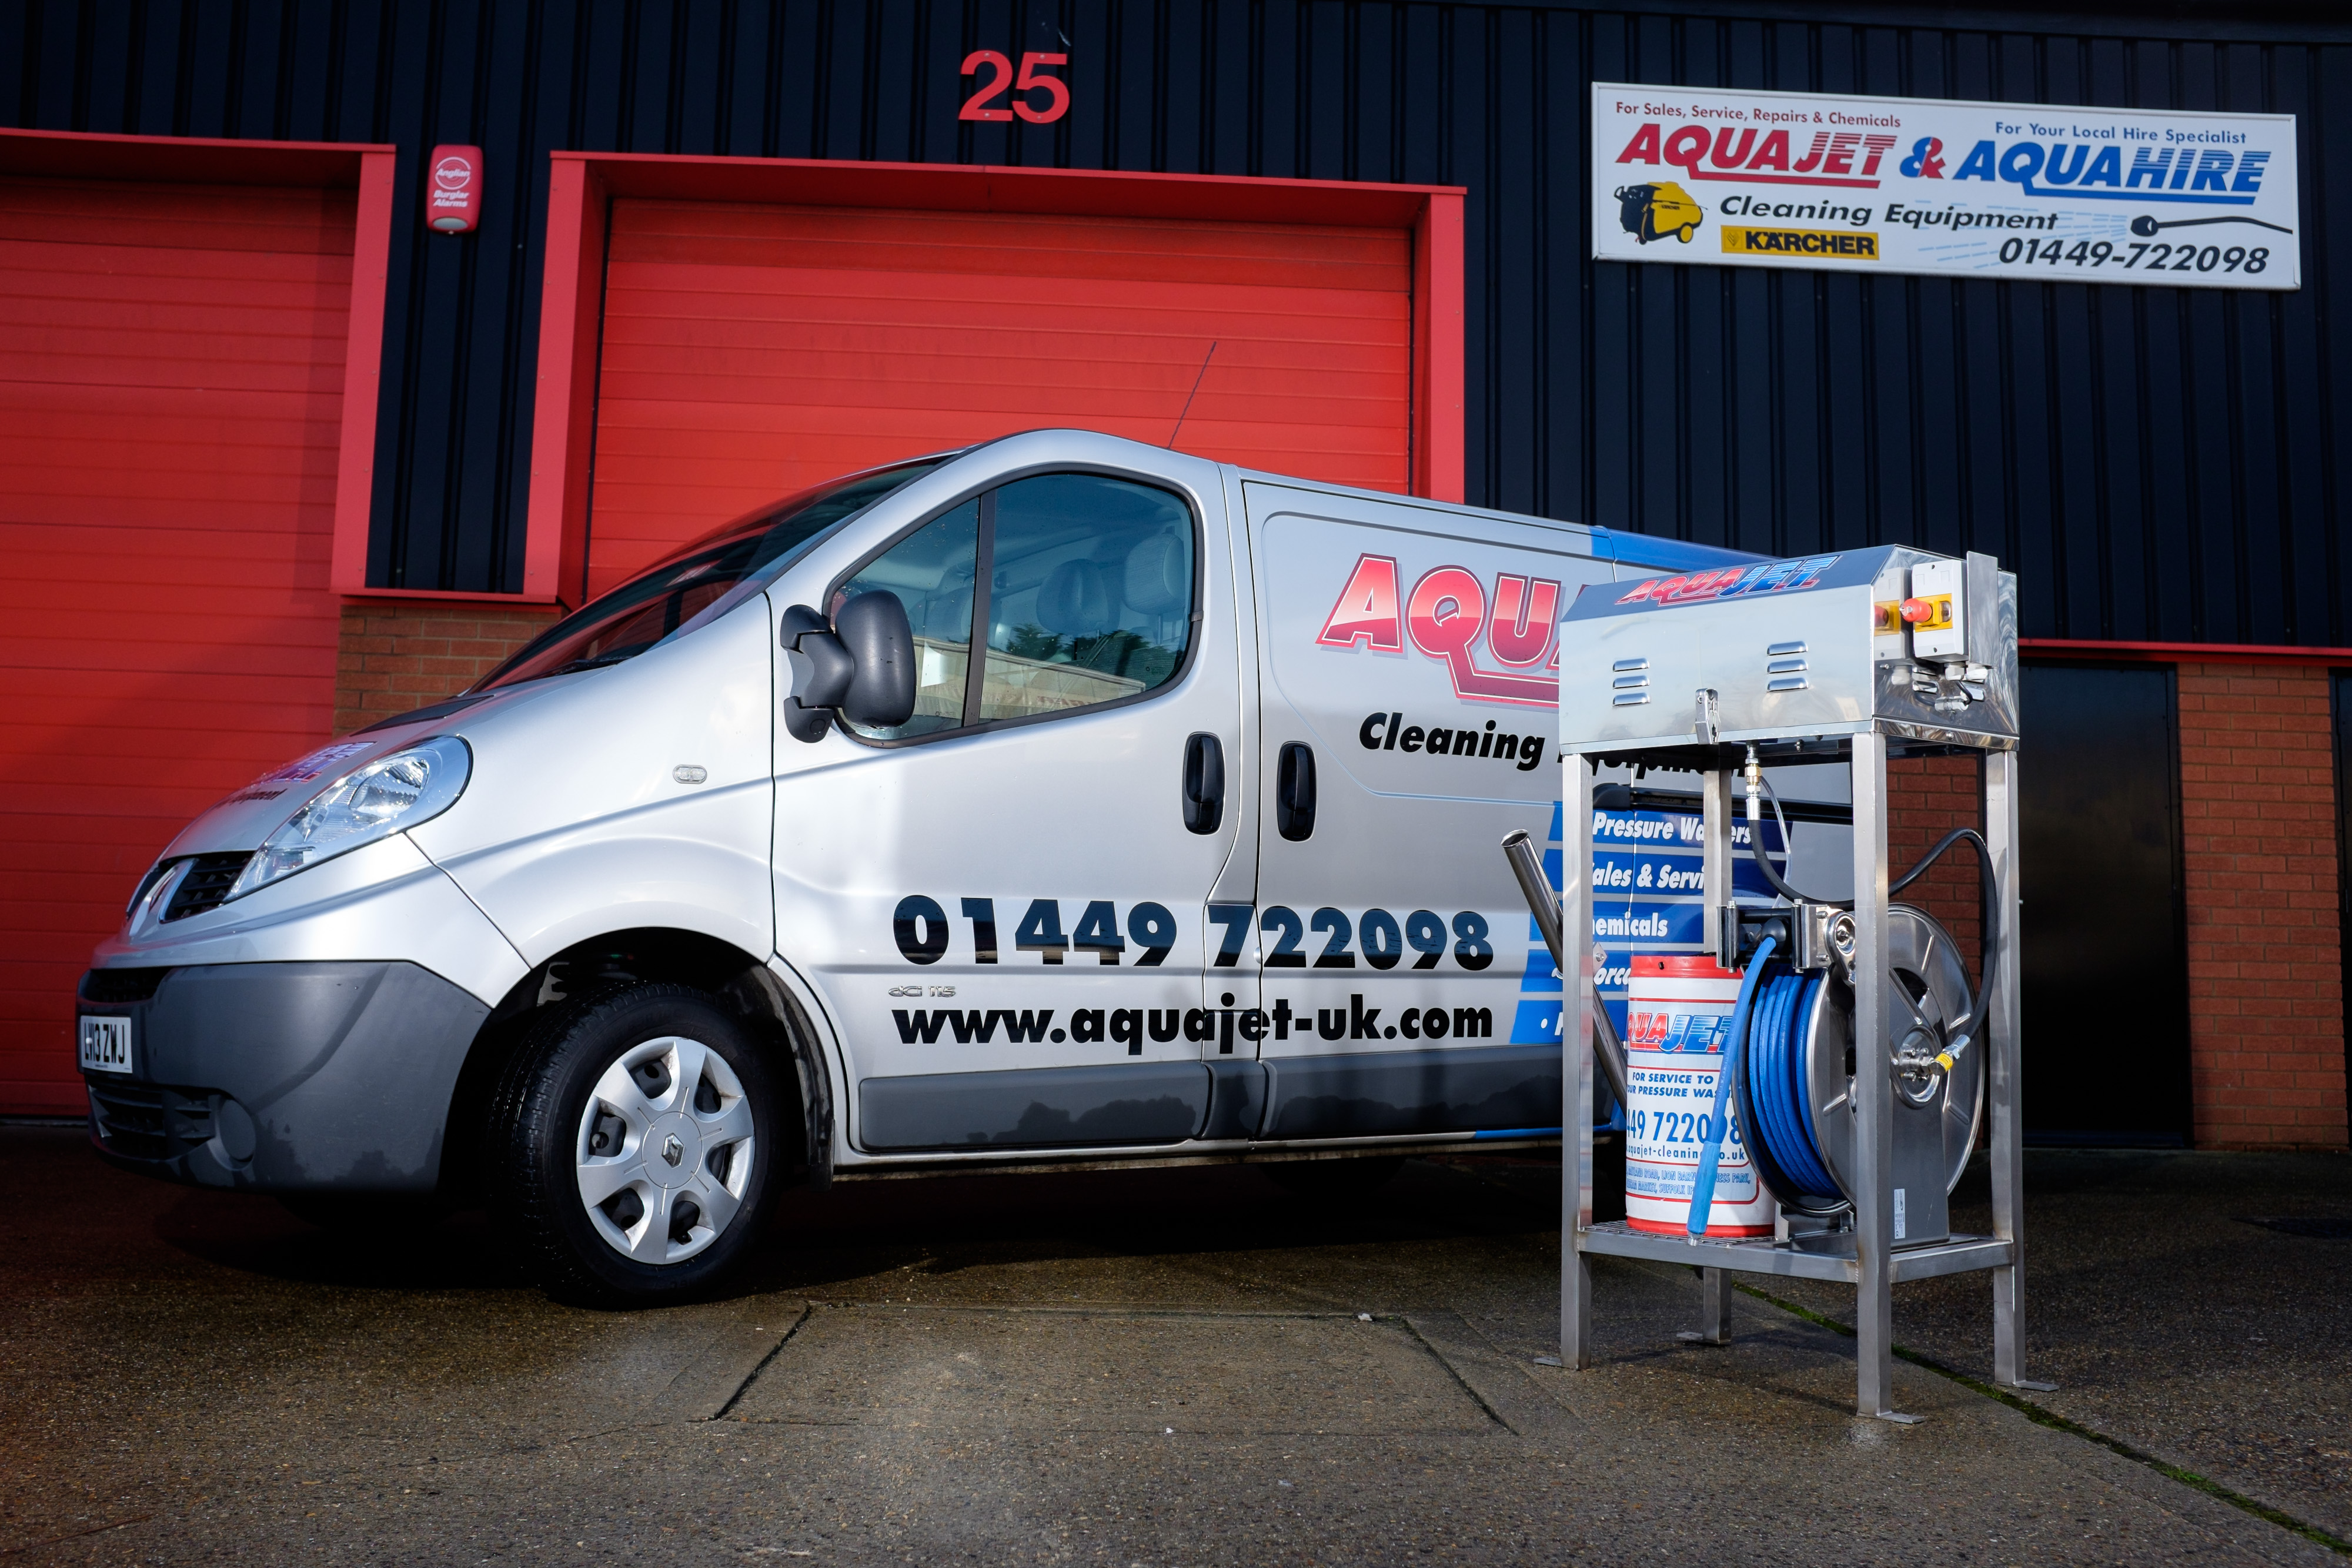 Aquajet Home Page | Aquajet Cleaning Equipment